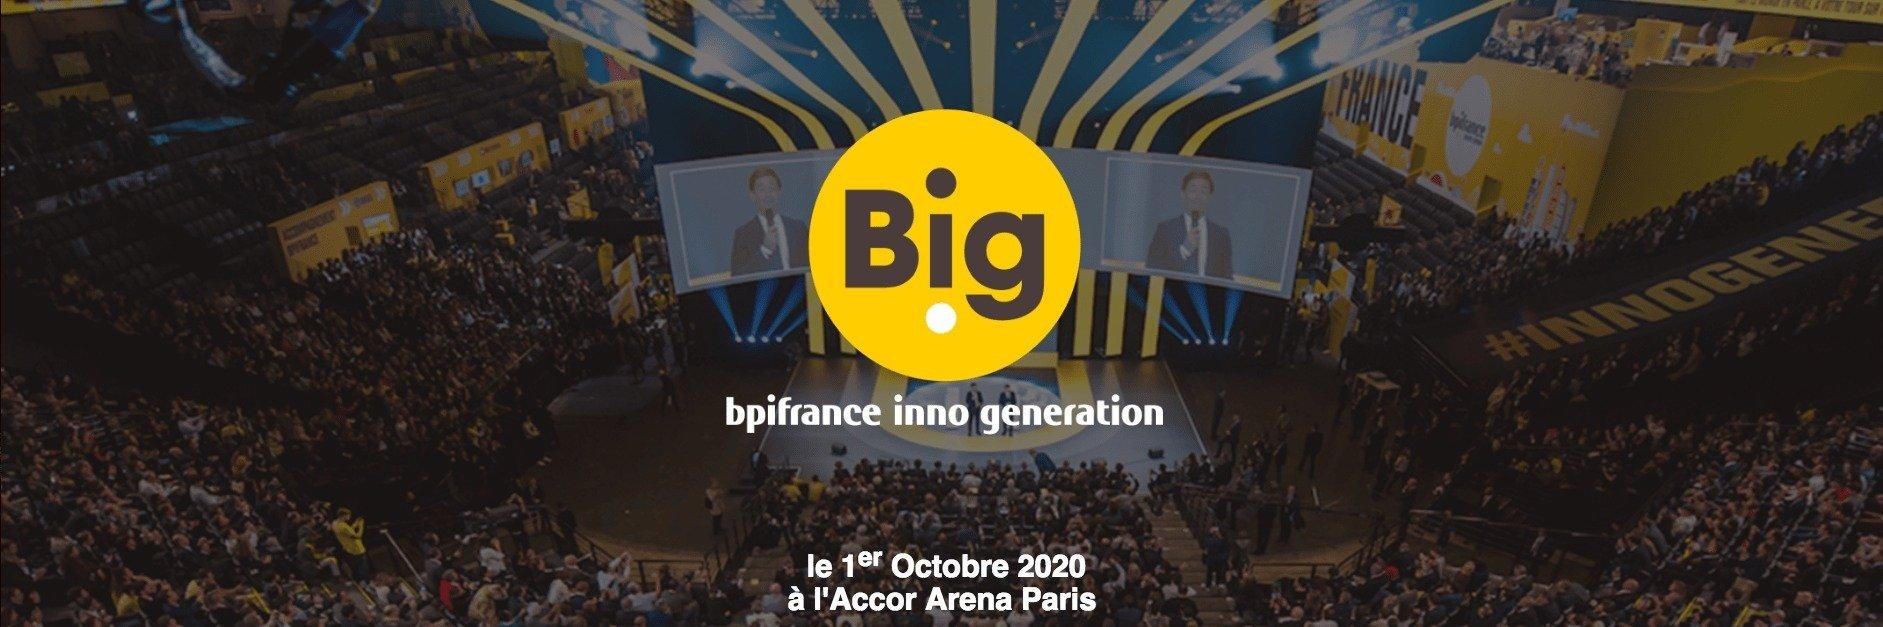 Coppernic assiste à la 6ème édition du Big et est nommé ambassadeur excellence !